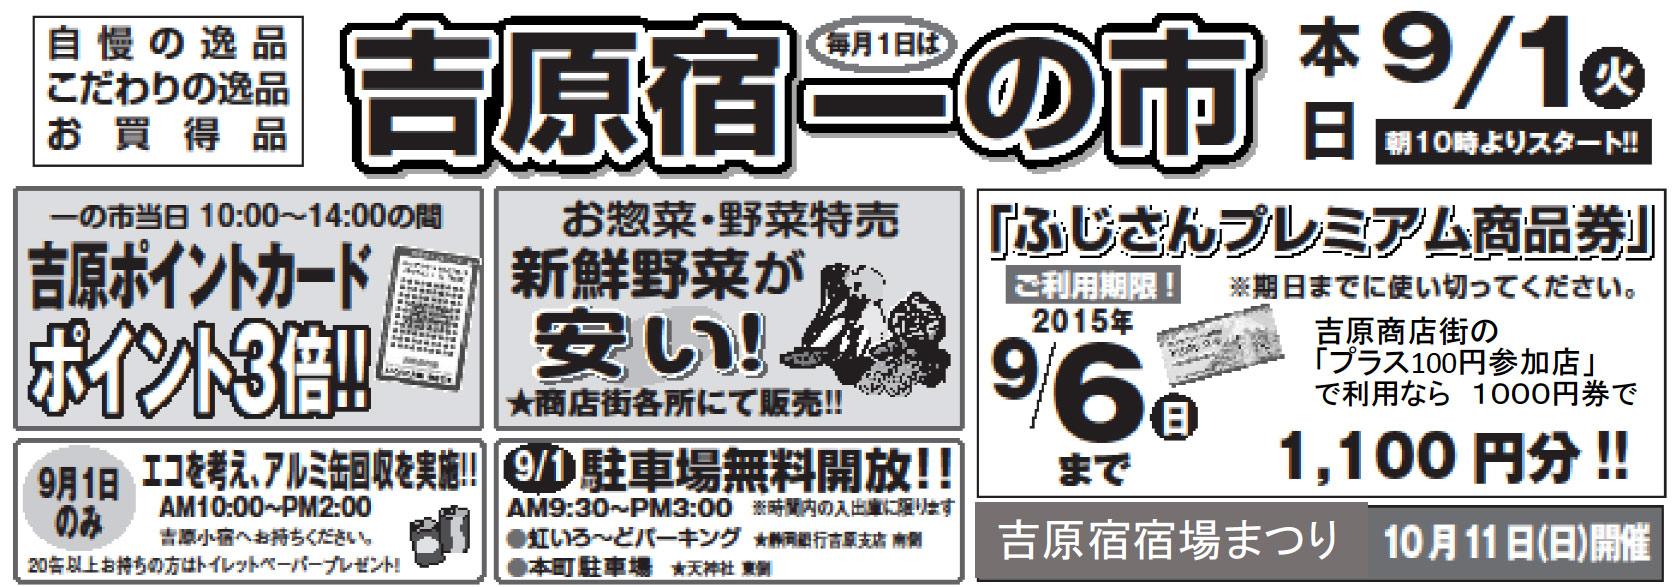 第96回9月1日(火)吉原宿 一の市